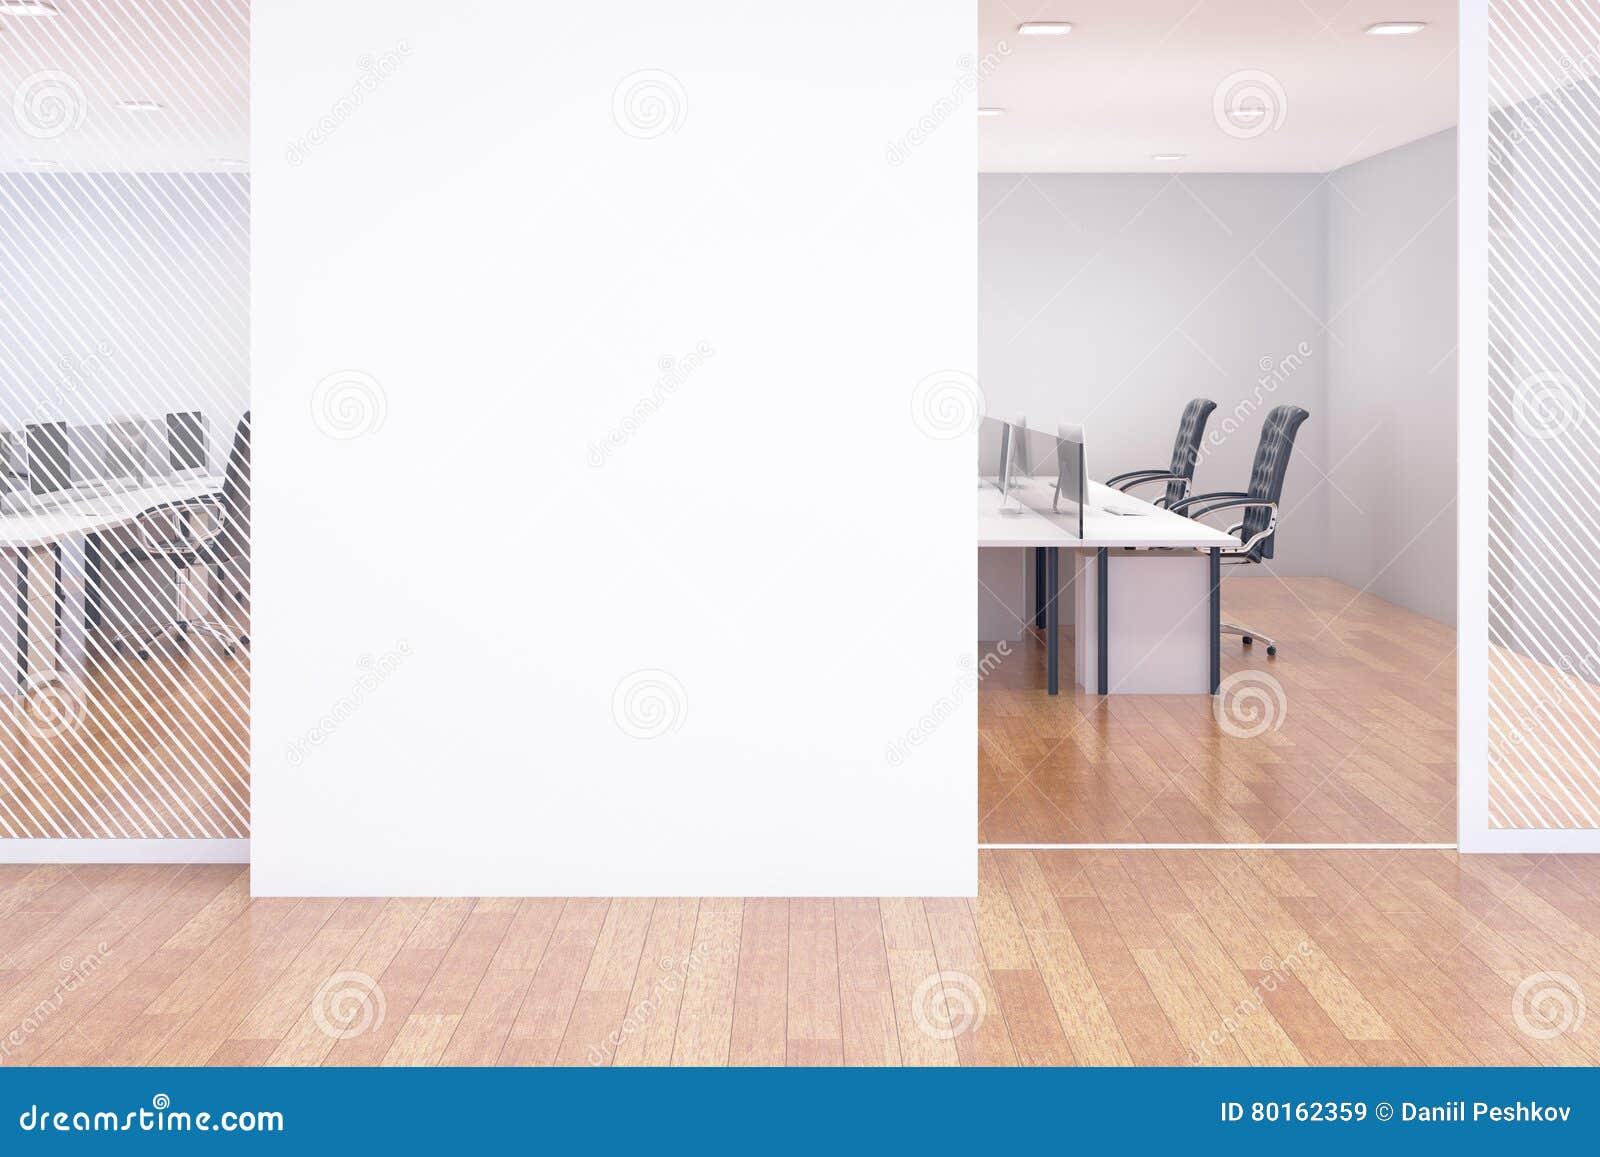 wall office. Blank Wall In Office